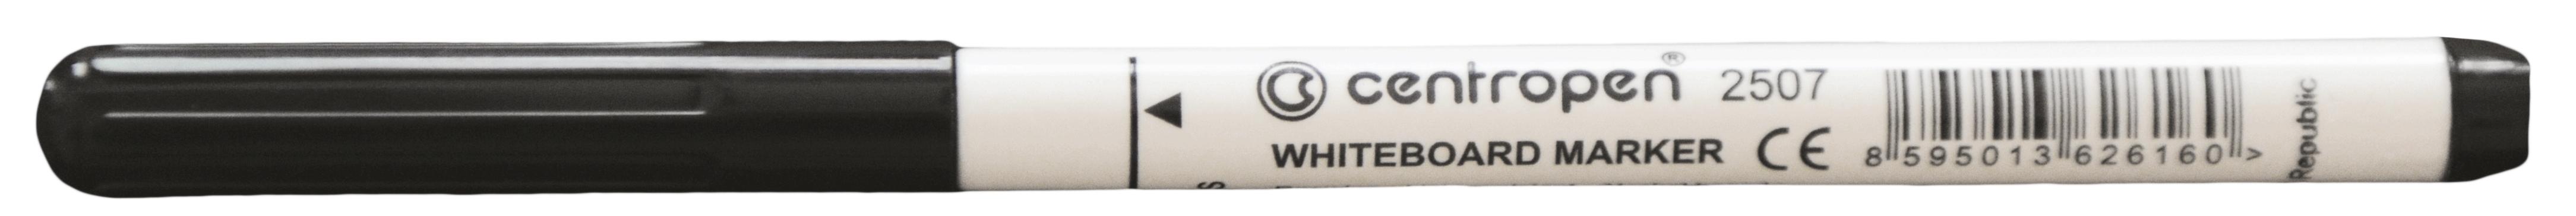 Černý popisovač Centropen 2507